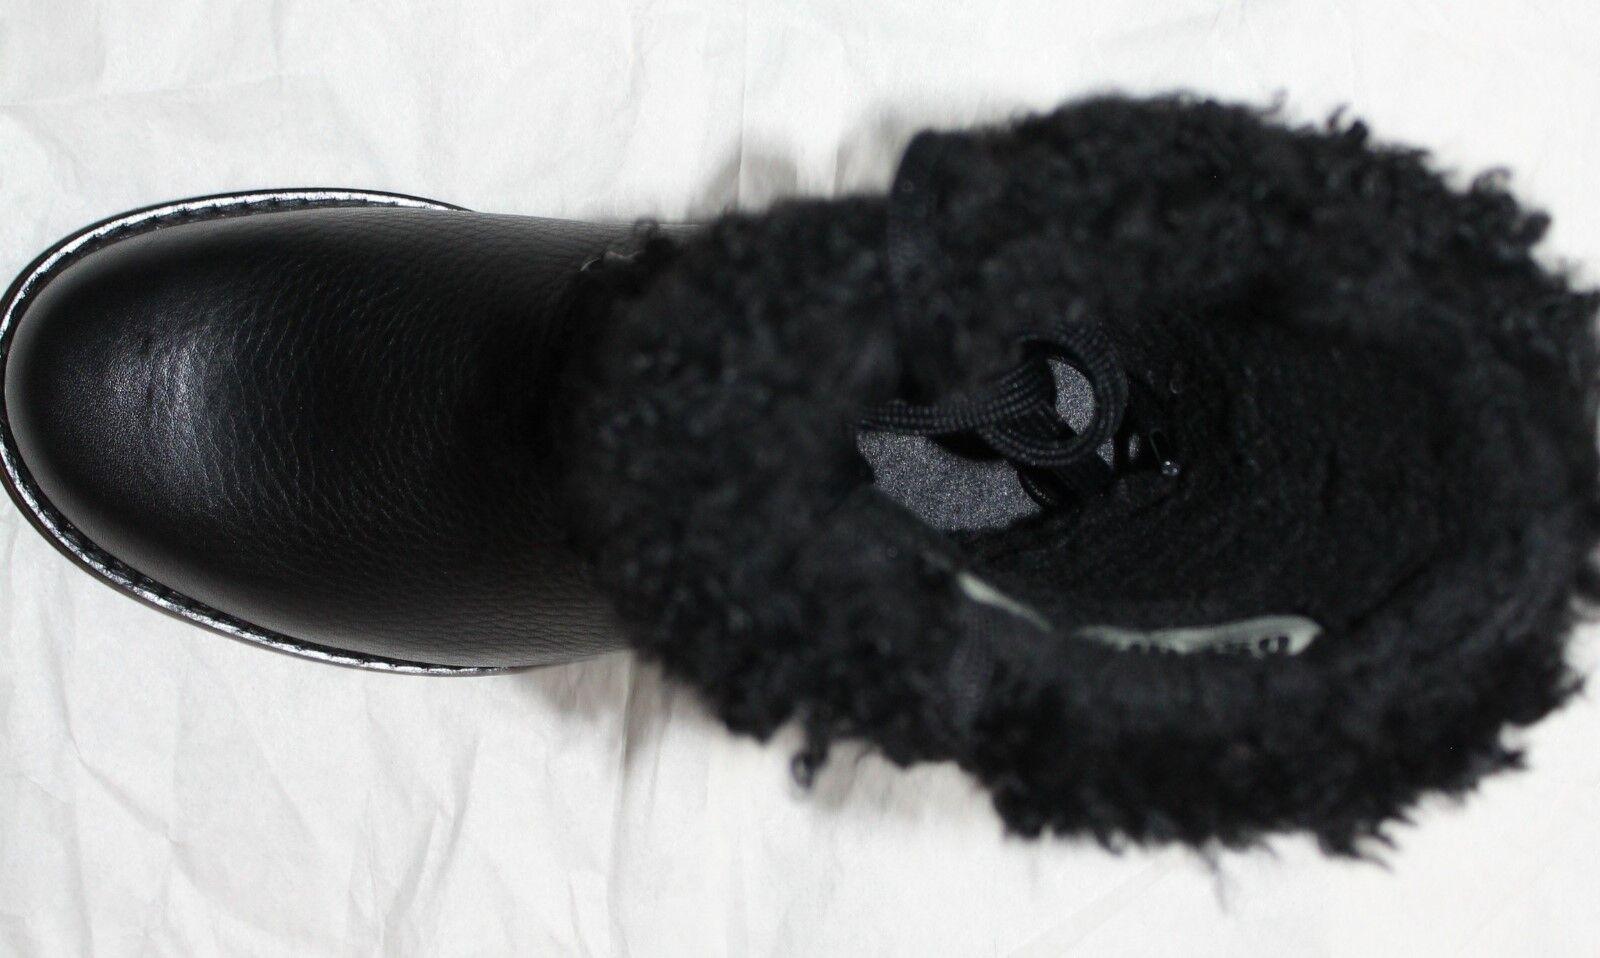 Cielo para mujer Oscar Sport Apres de Cabra Piel en botas Talla 7 hecho a mano en Piel Italia f0f475